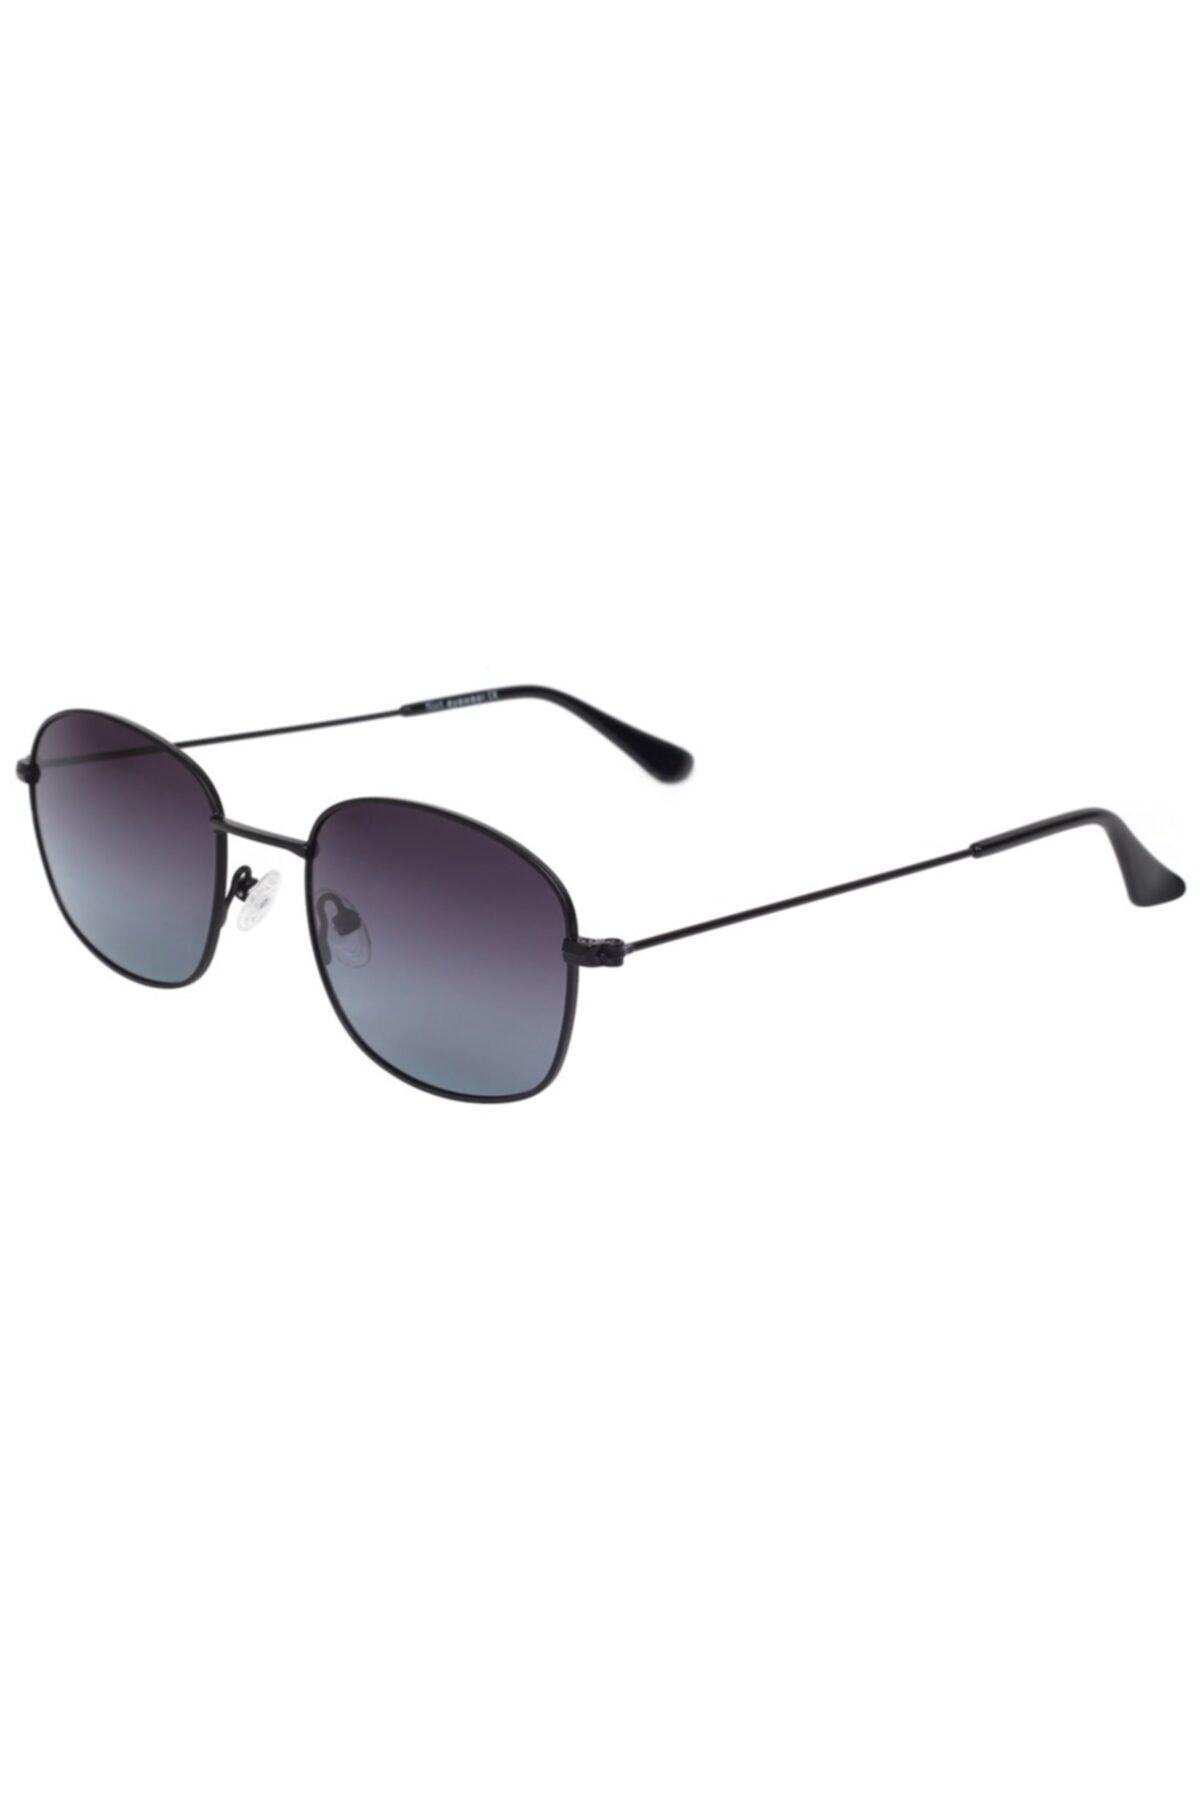 عینک آفتابی 2020 مدل جدید برند Flirt رنگ مشکی کد ty68136745